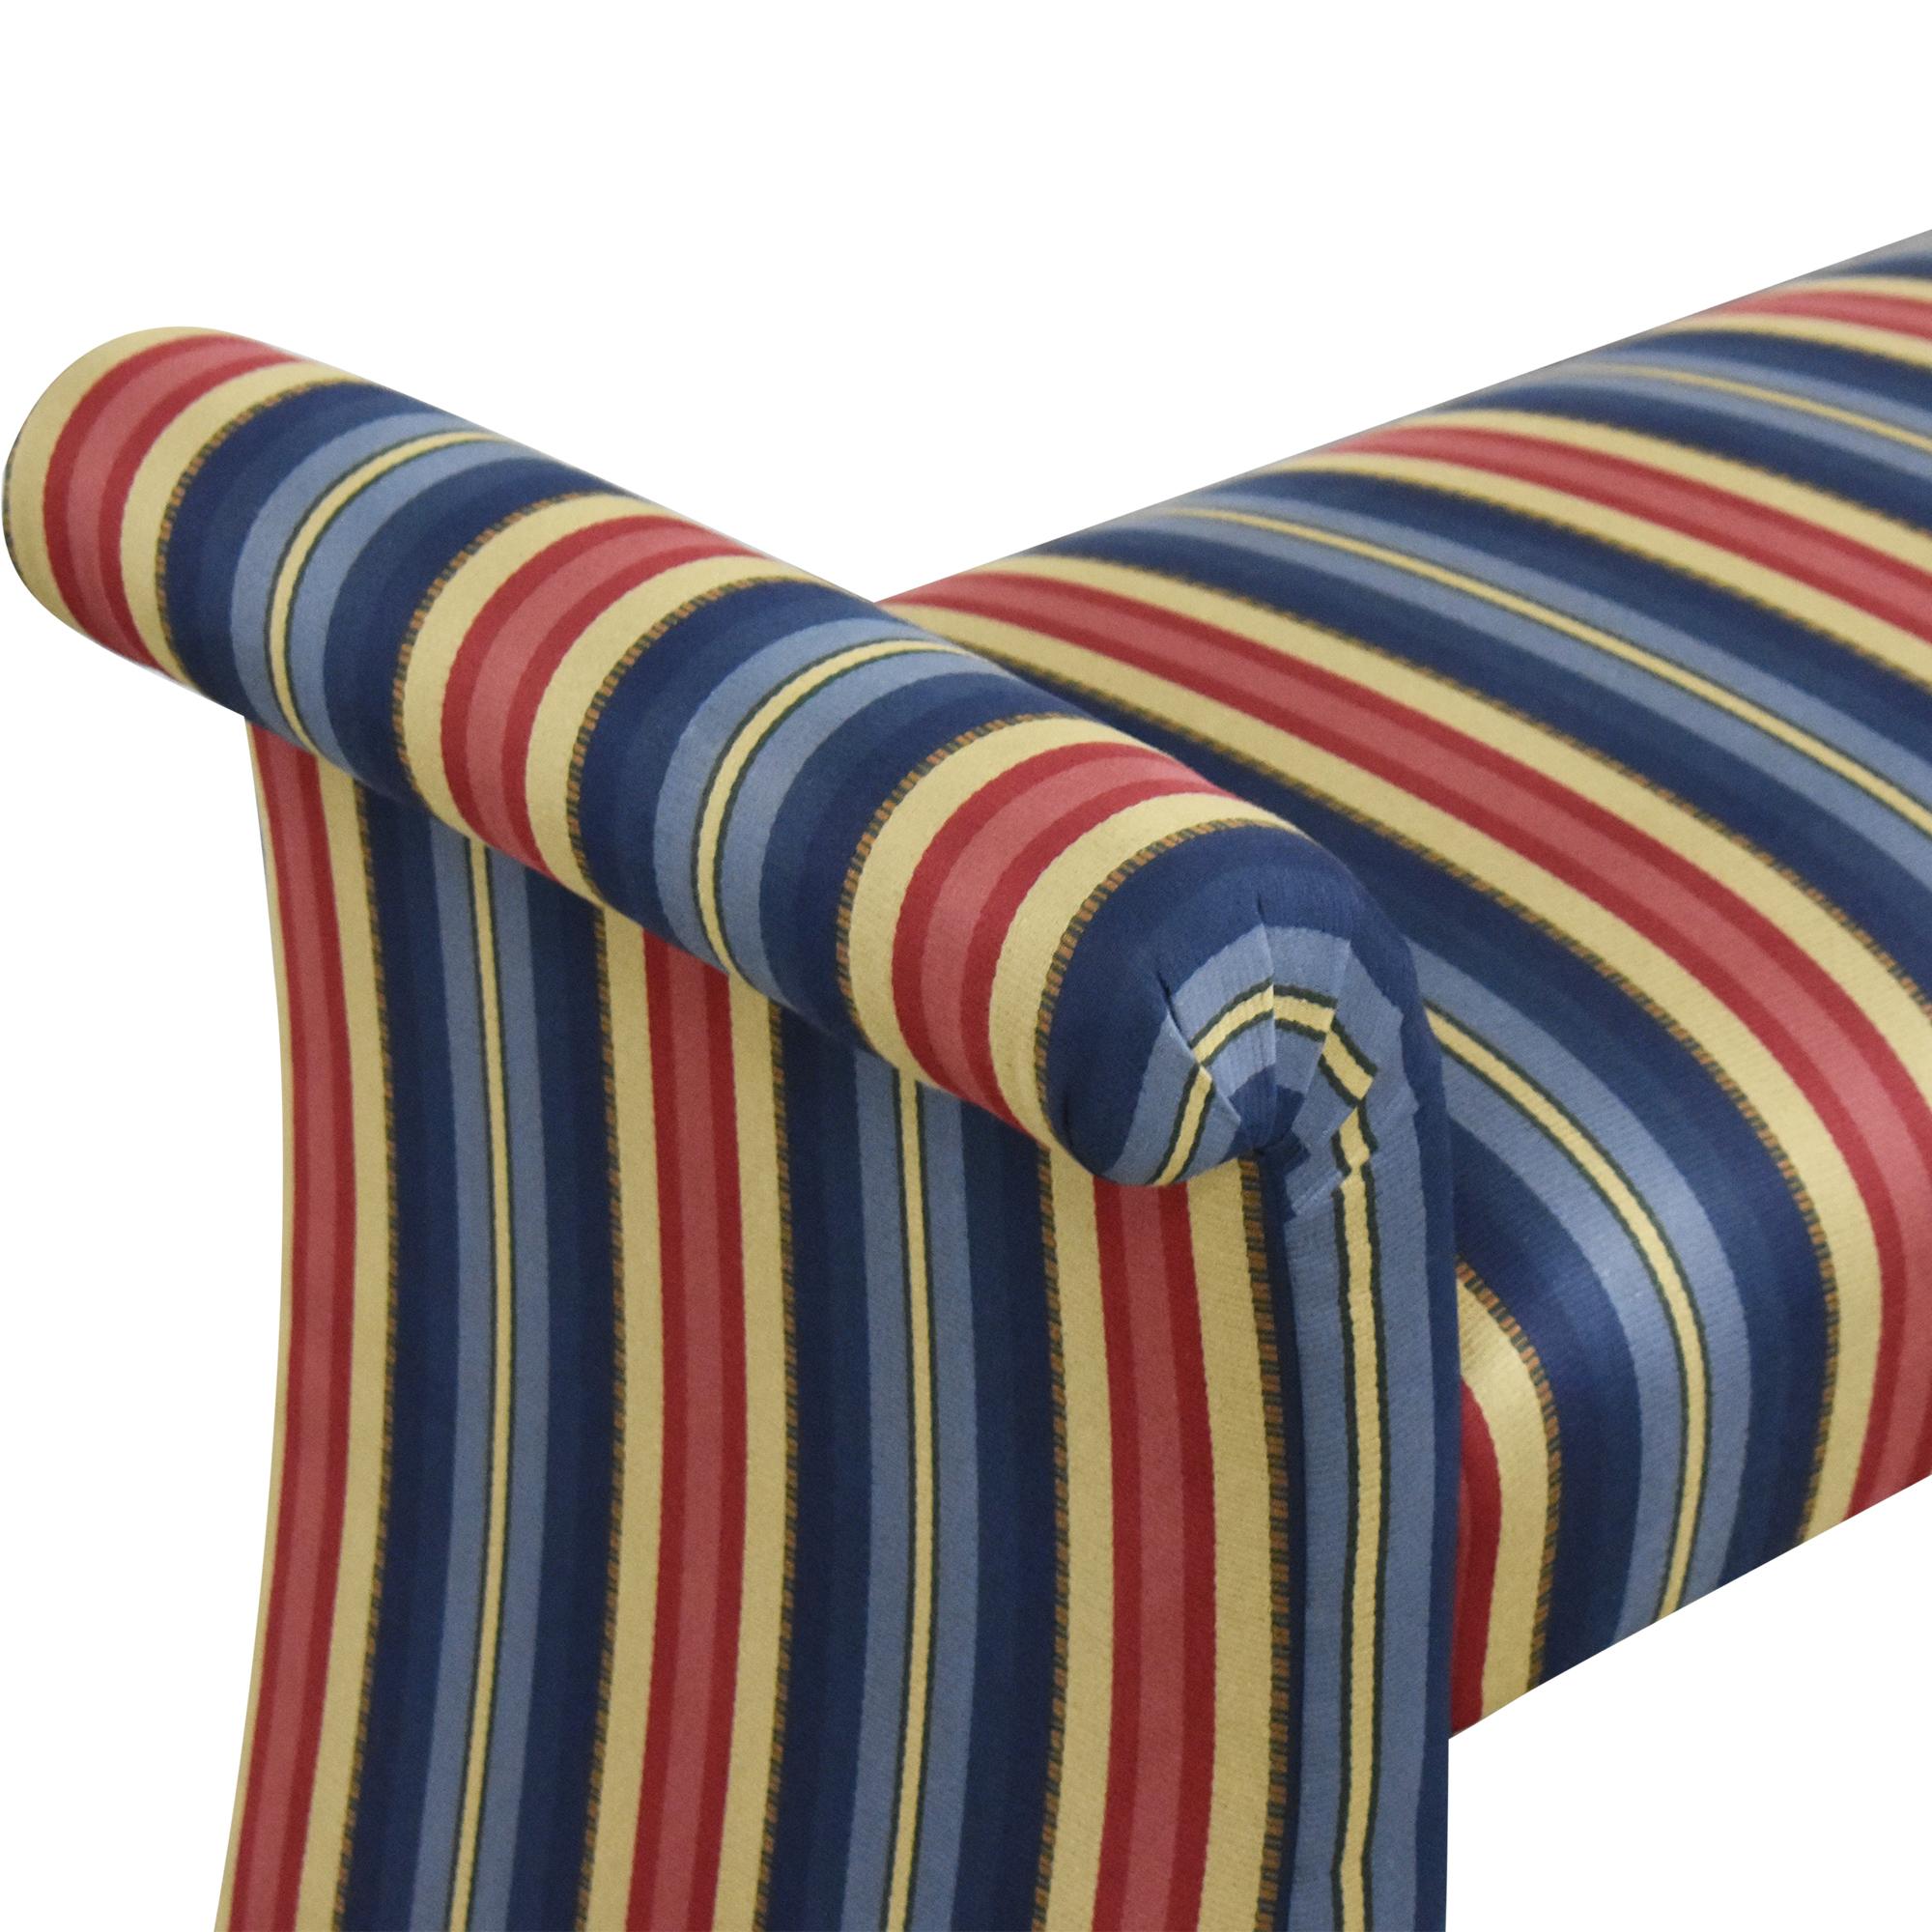 Custom Upholstered Bench used